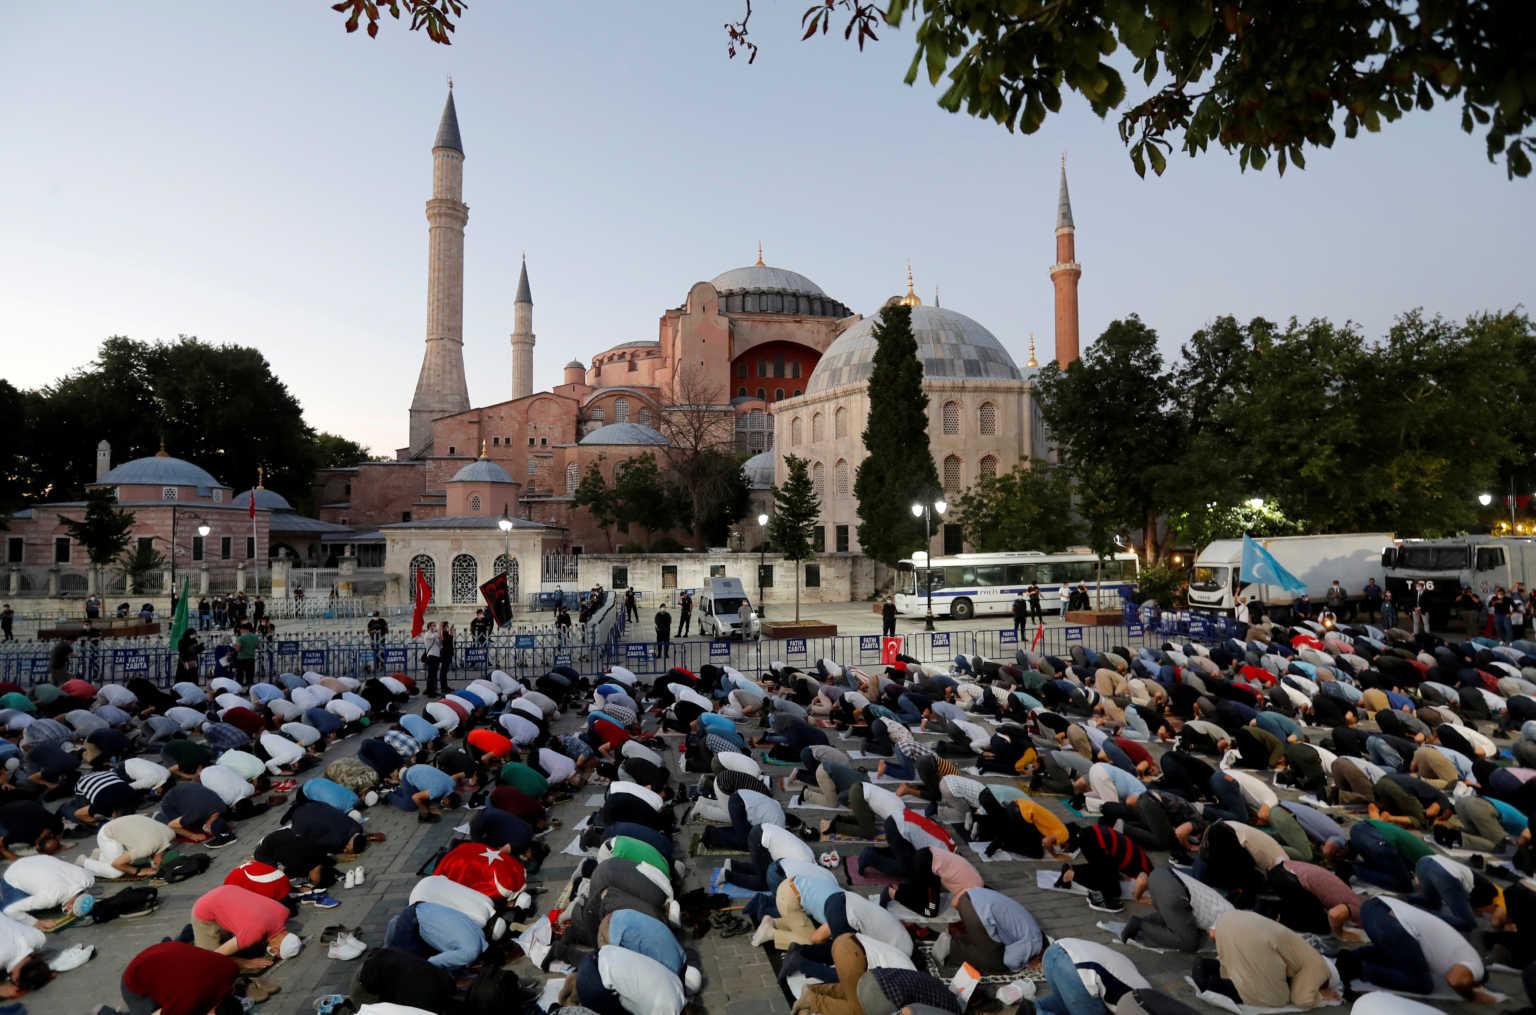 Αγιά Σοφιά: Διεθνές και ευρωπαϊκό και όχι ελληνοτουρκικό το ζήτημα